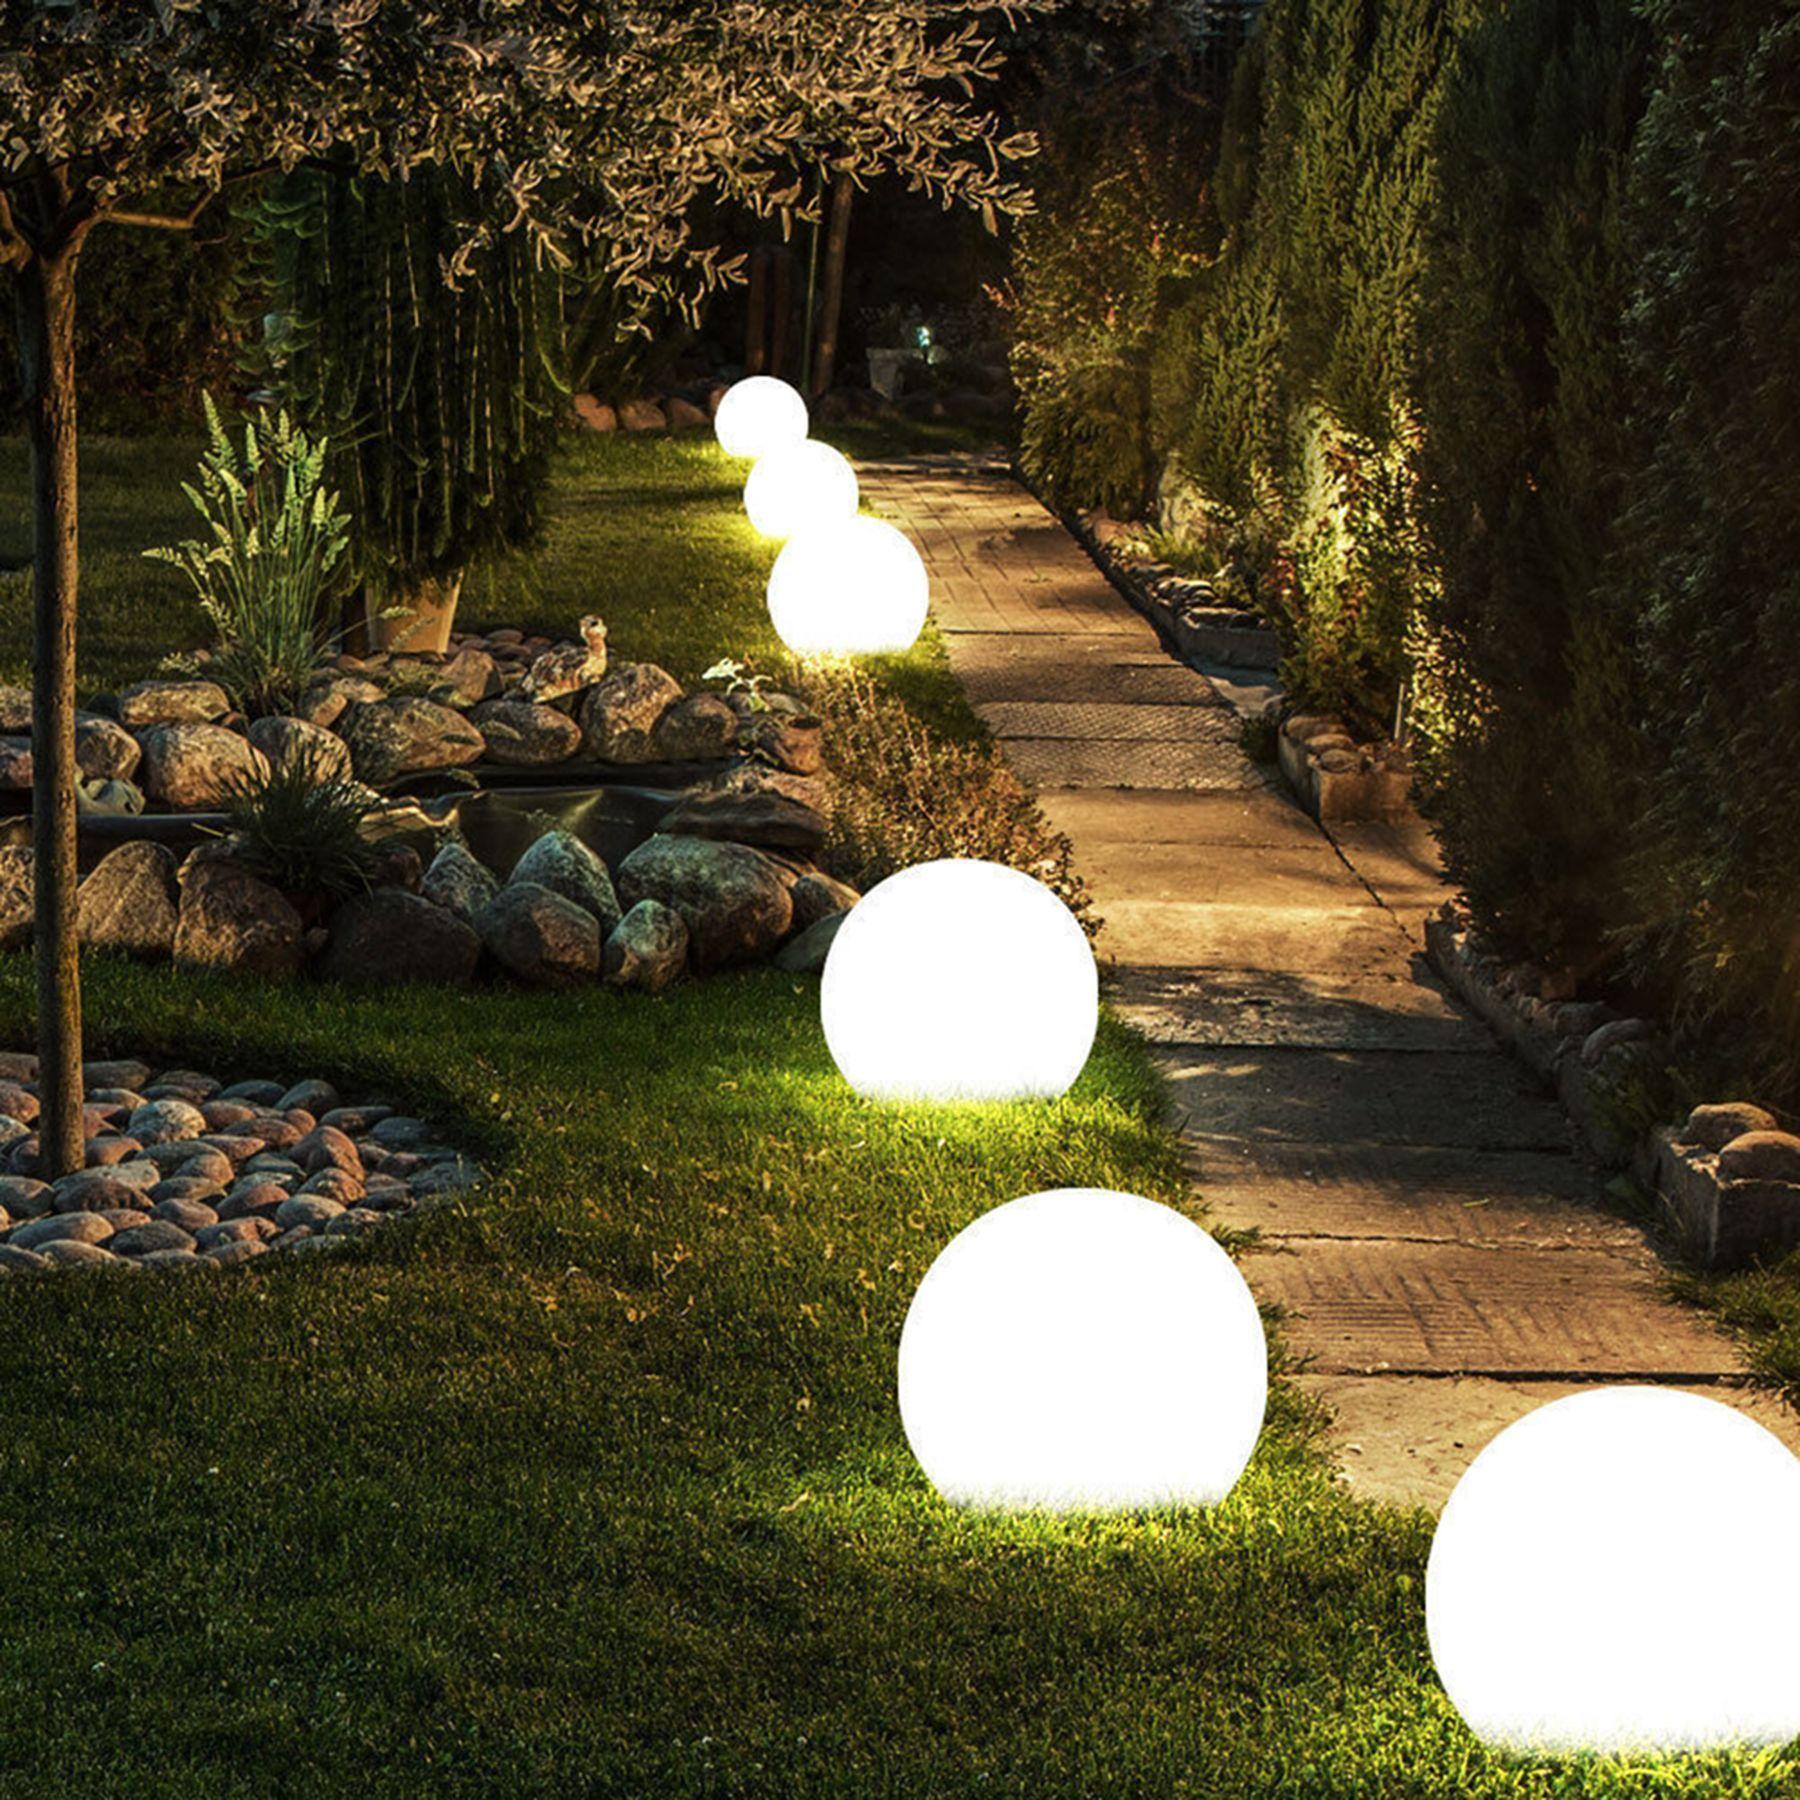 10 Extraordinary DIY Garden Light Design Ideas For A More